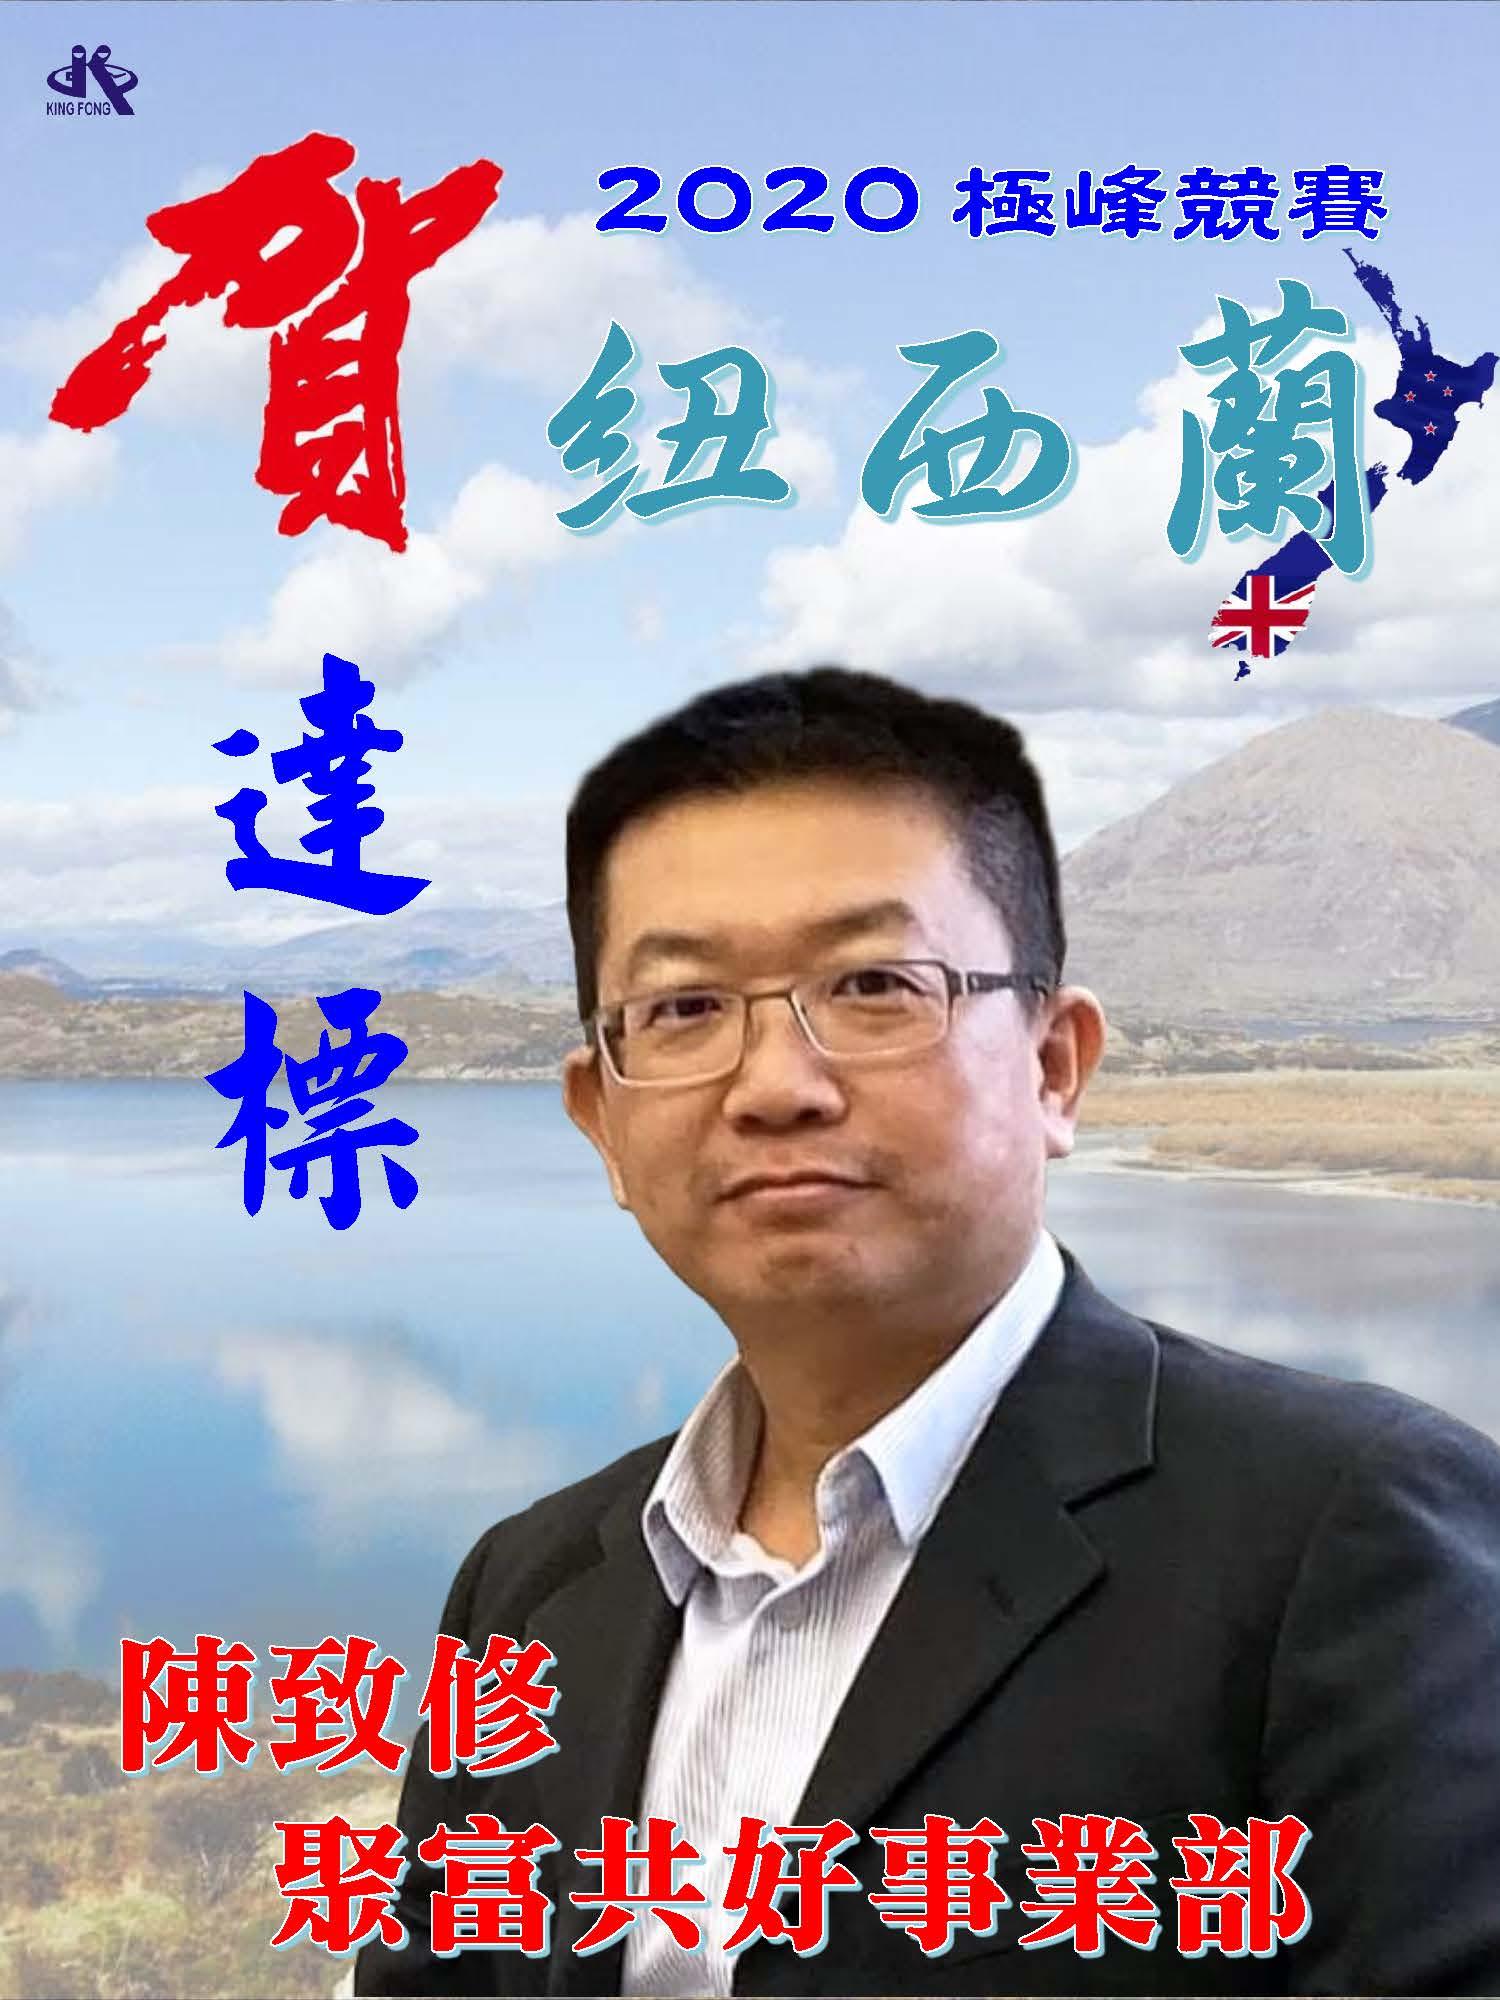 20200707-2020年極峰競賽紐西蘭英雄榜-陳致修